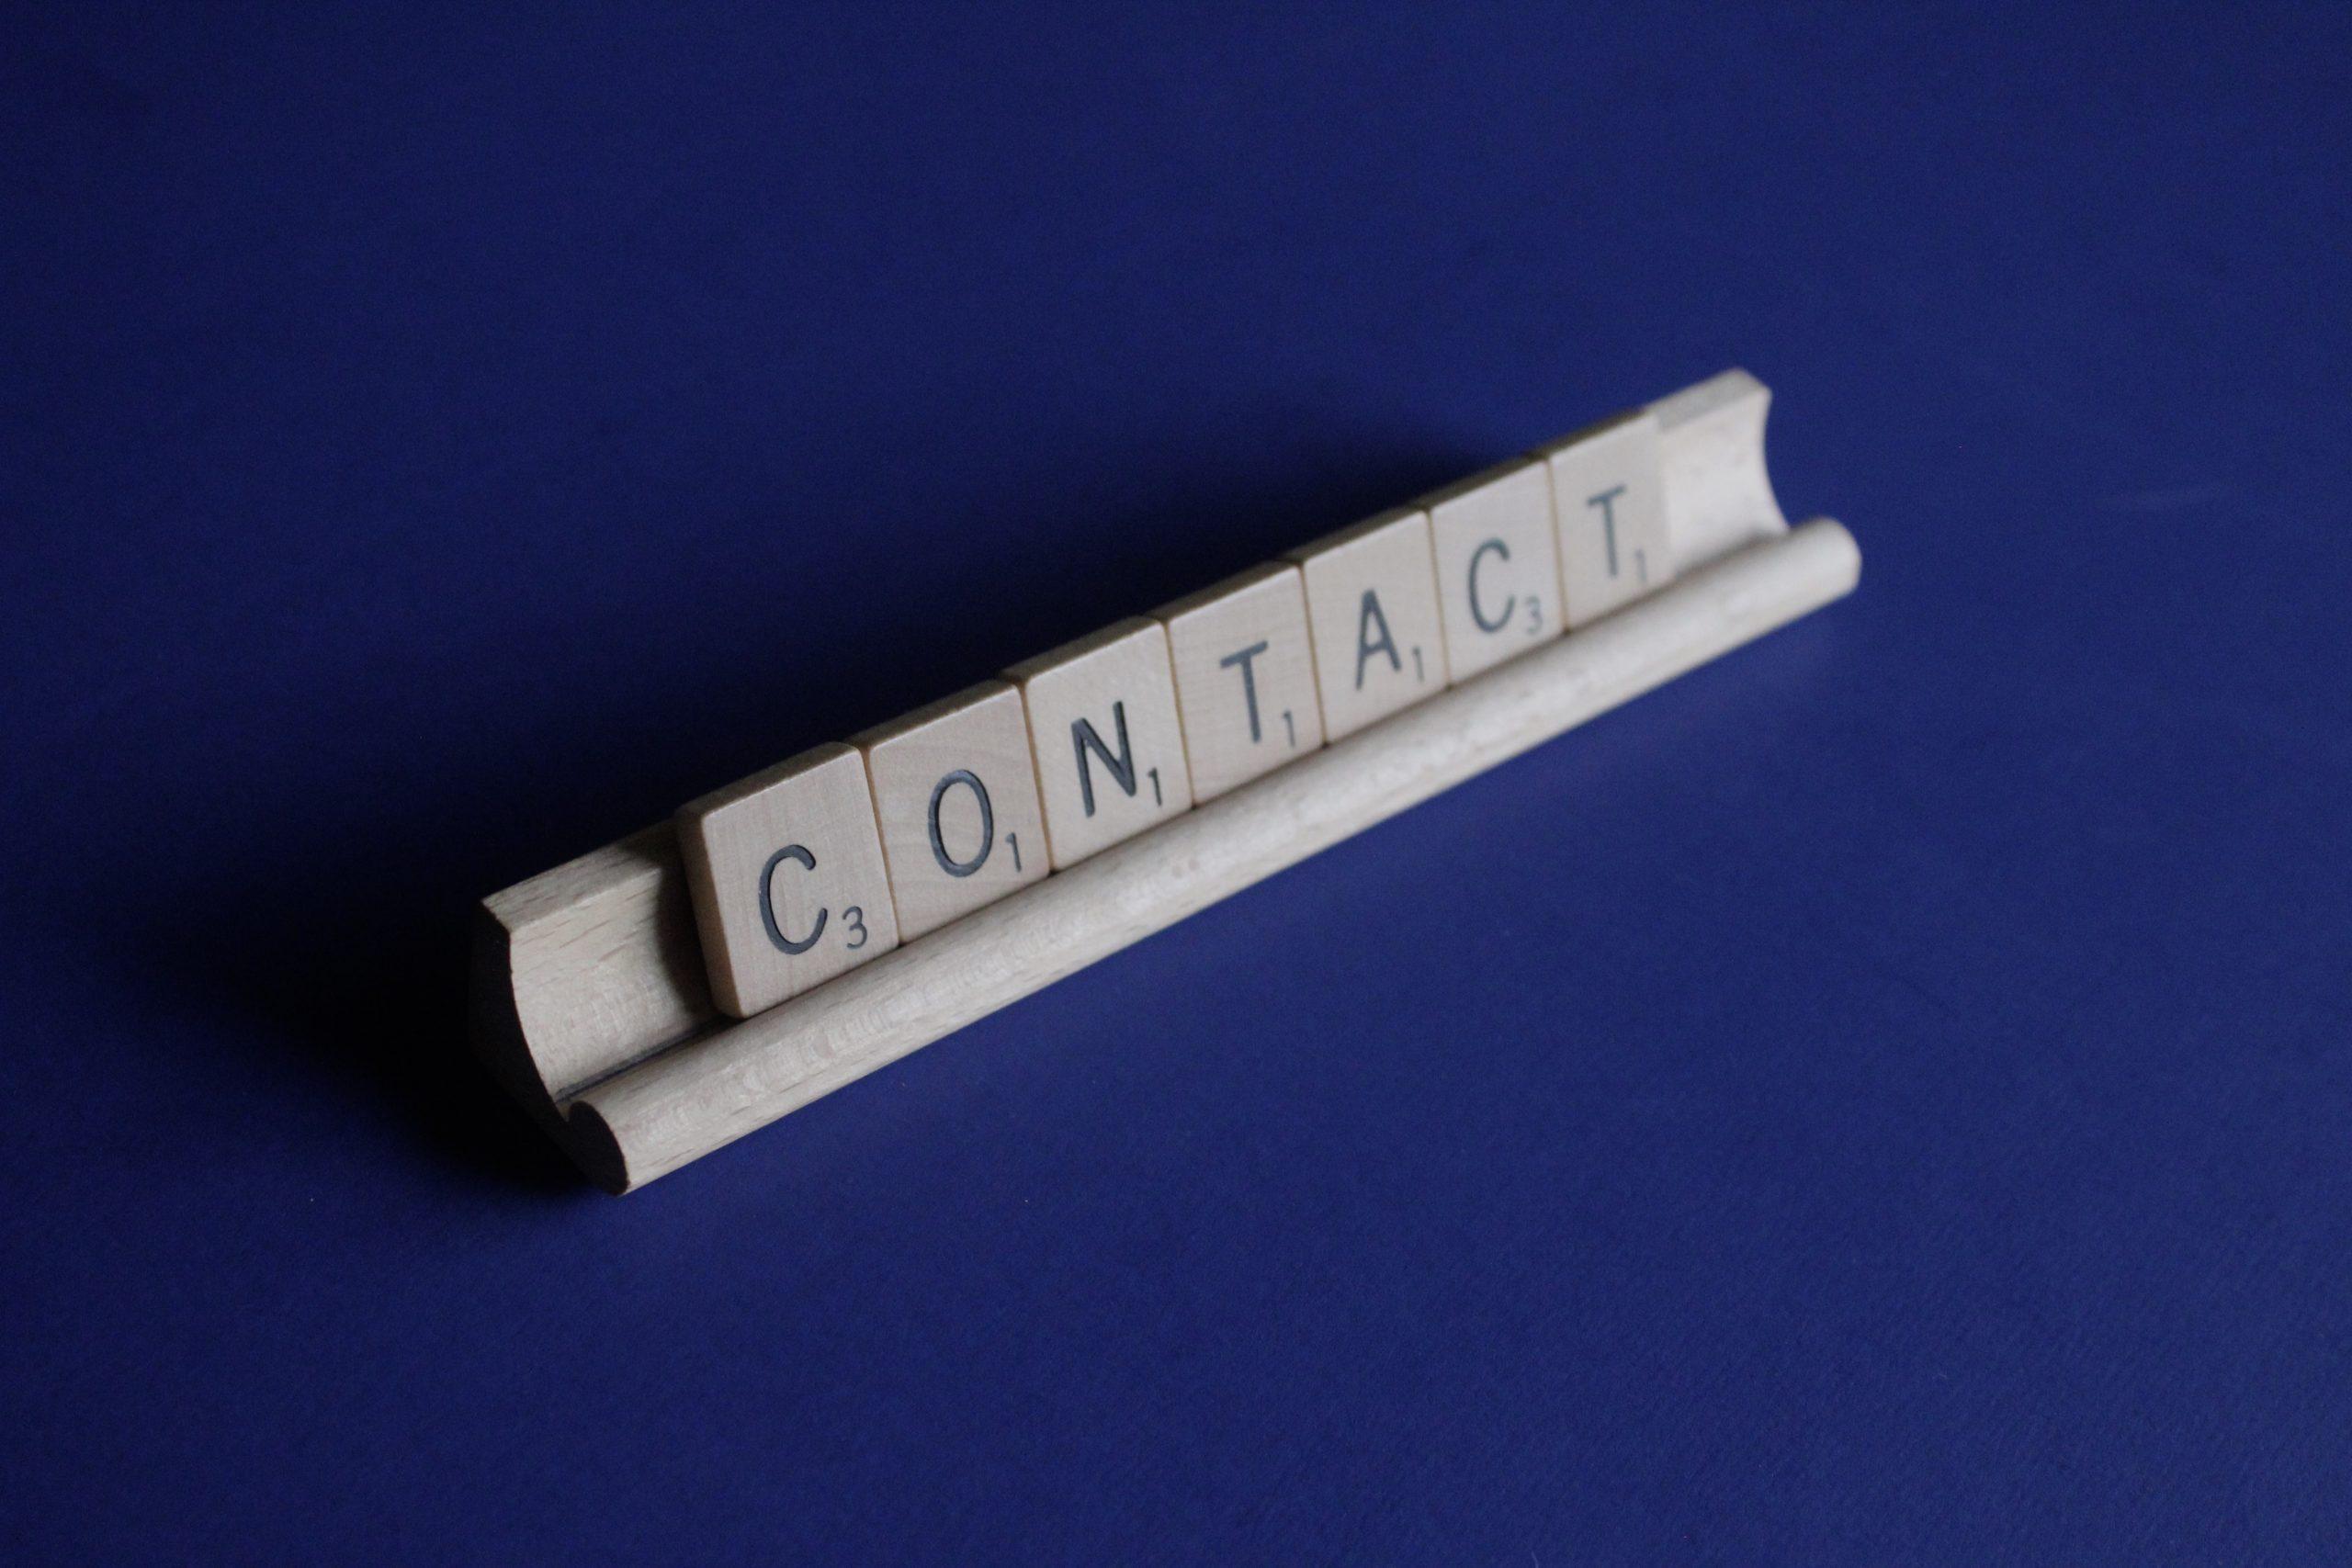 木製のプレートを組み合わせて「contact」の単語が作られている。